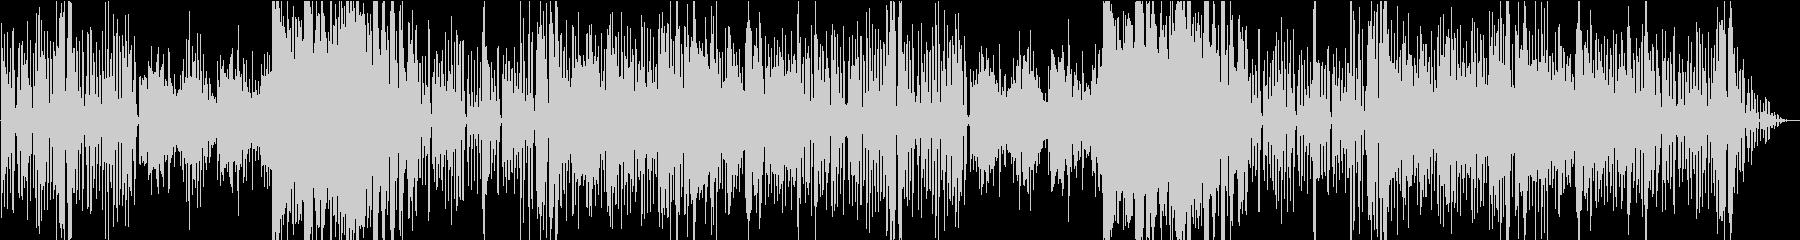 メルヘンで可愛いゴシック曲の未再生の波形